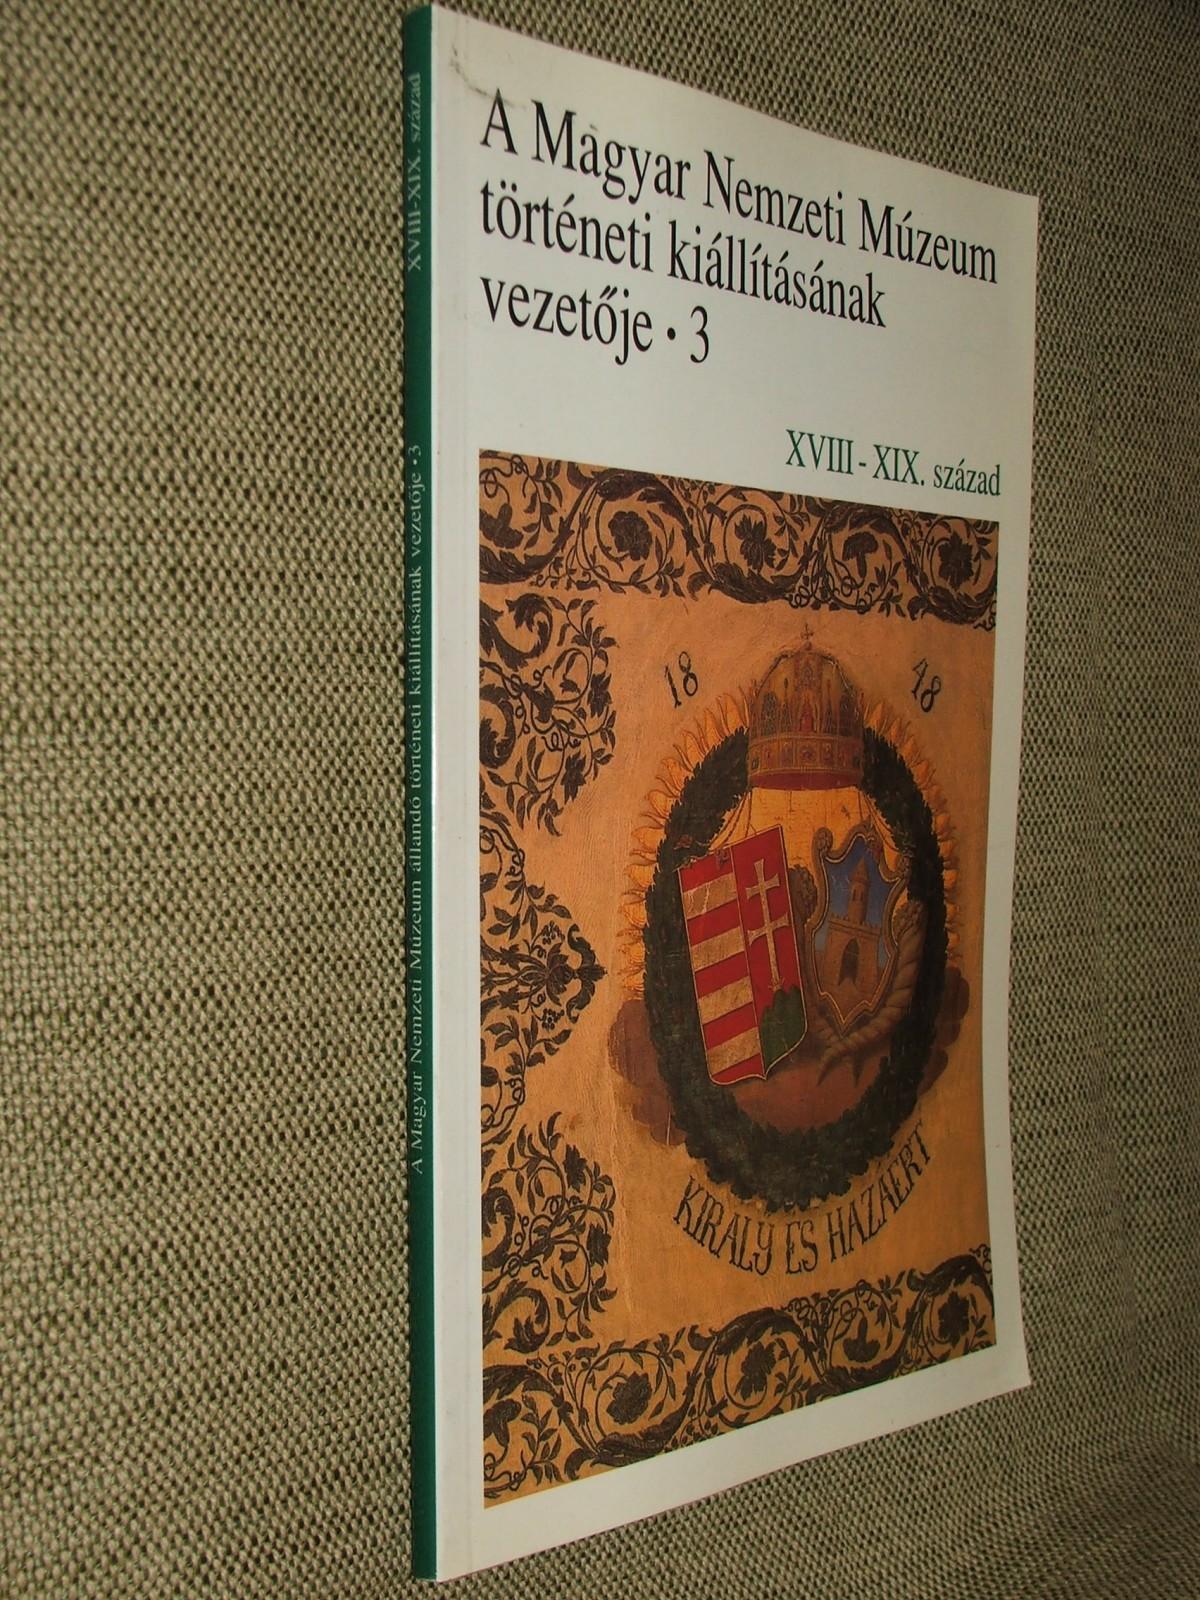 (KÖRMÖCZI Katalin) szerk.: A török háborúk végétől a Millenniumig